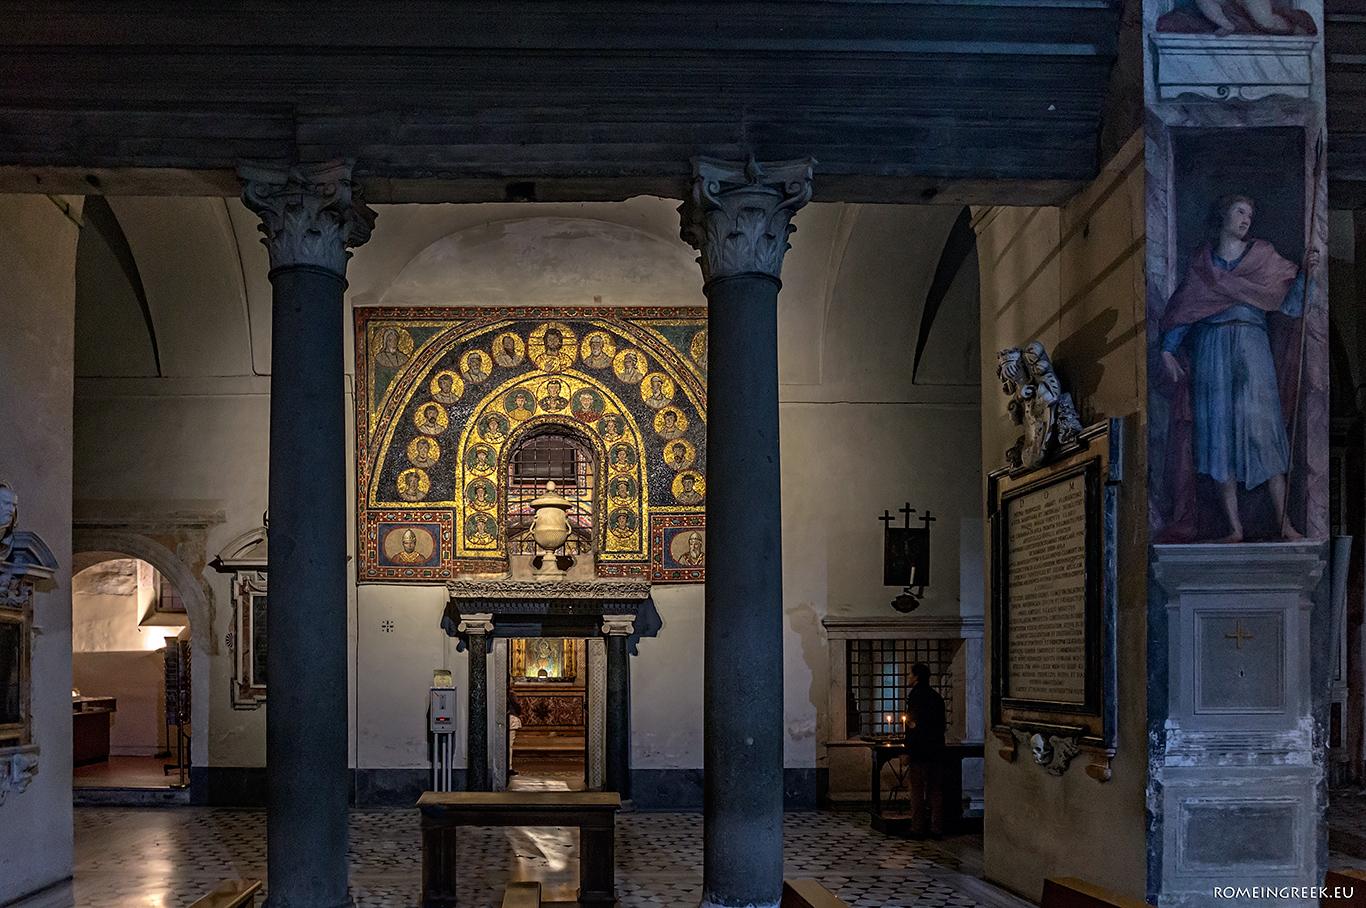 Η είσοδος στο παρεκκλήσι του Αγ. Ζήνωνα. Διακρίνονται οι δύο κολόνες από μαύρο γρανίτη, ένα αρχαίος αμφορέας και πίσω η τεφροδόχος.